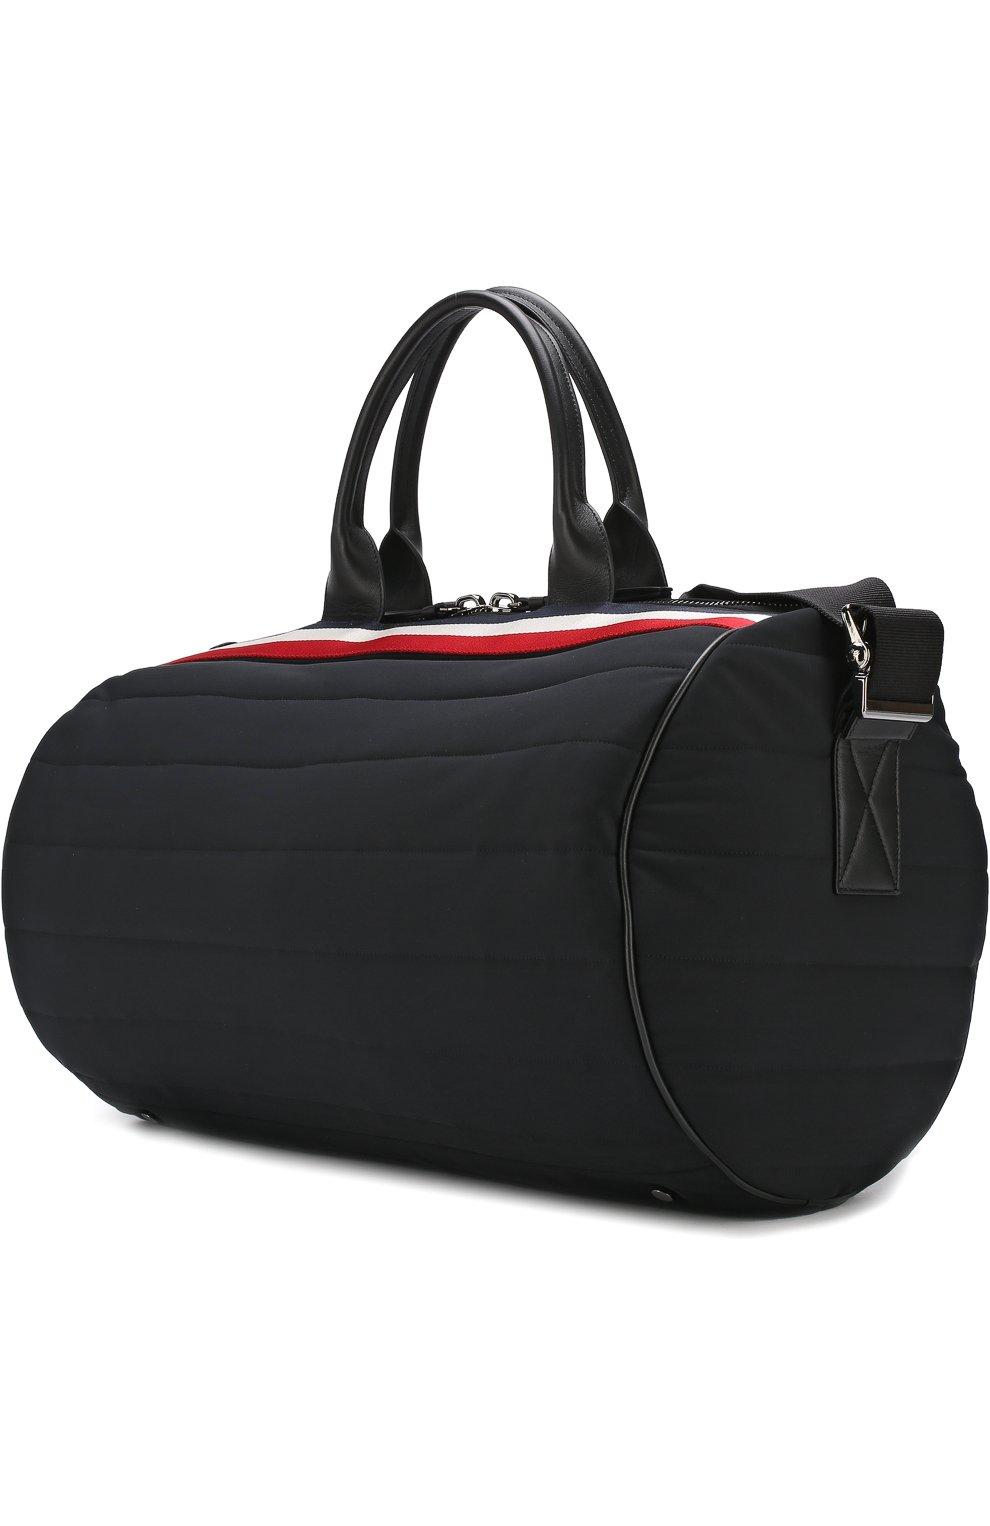 Мужская текстильная дорожная сумка с плечевым ремнем MONCLER черного цвета, арт. D1-09A-40026-10-539AX | Фото 3